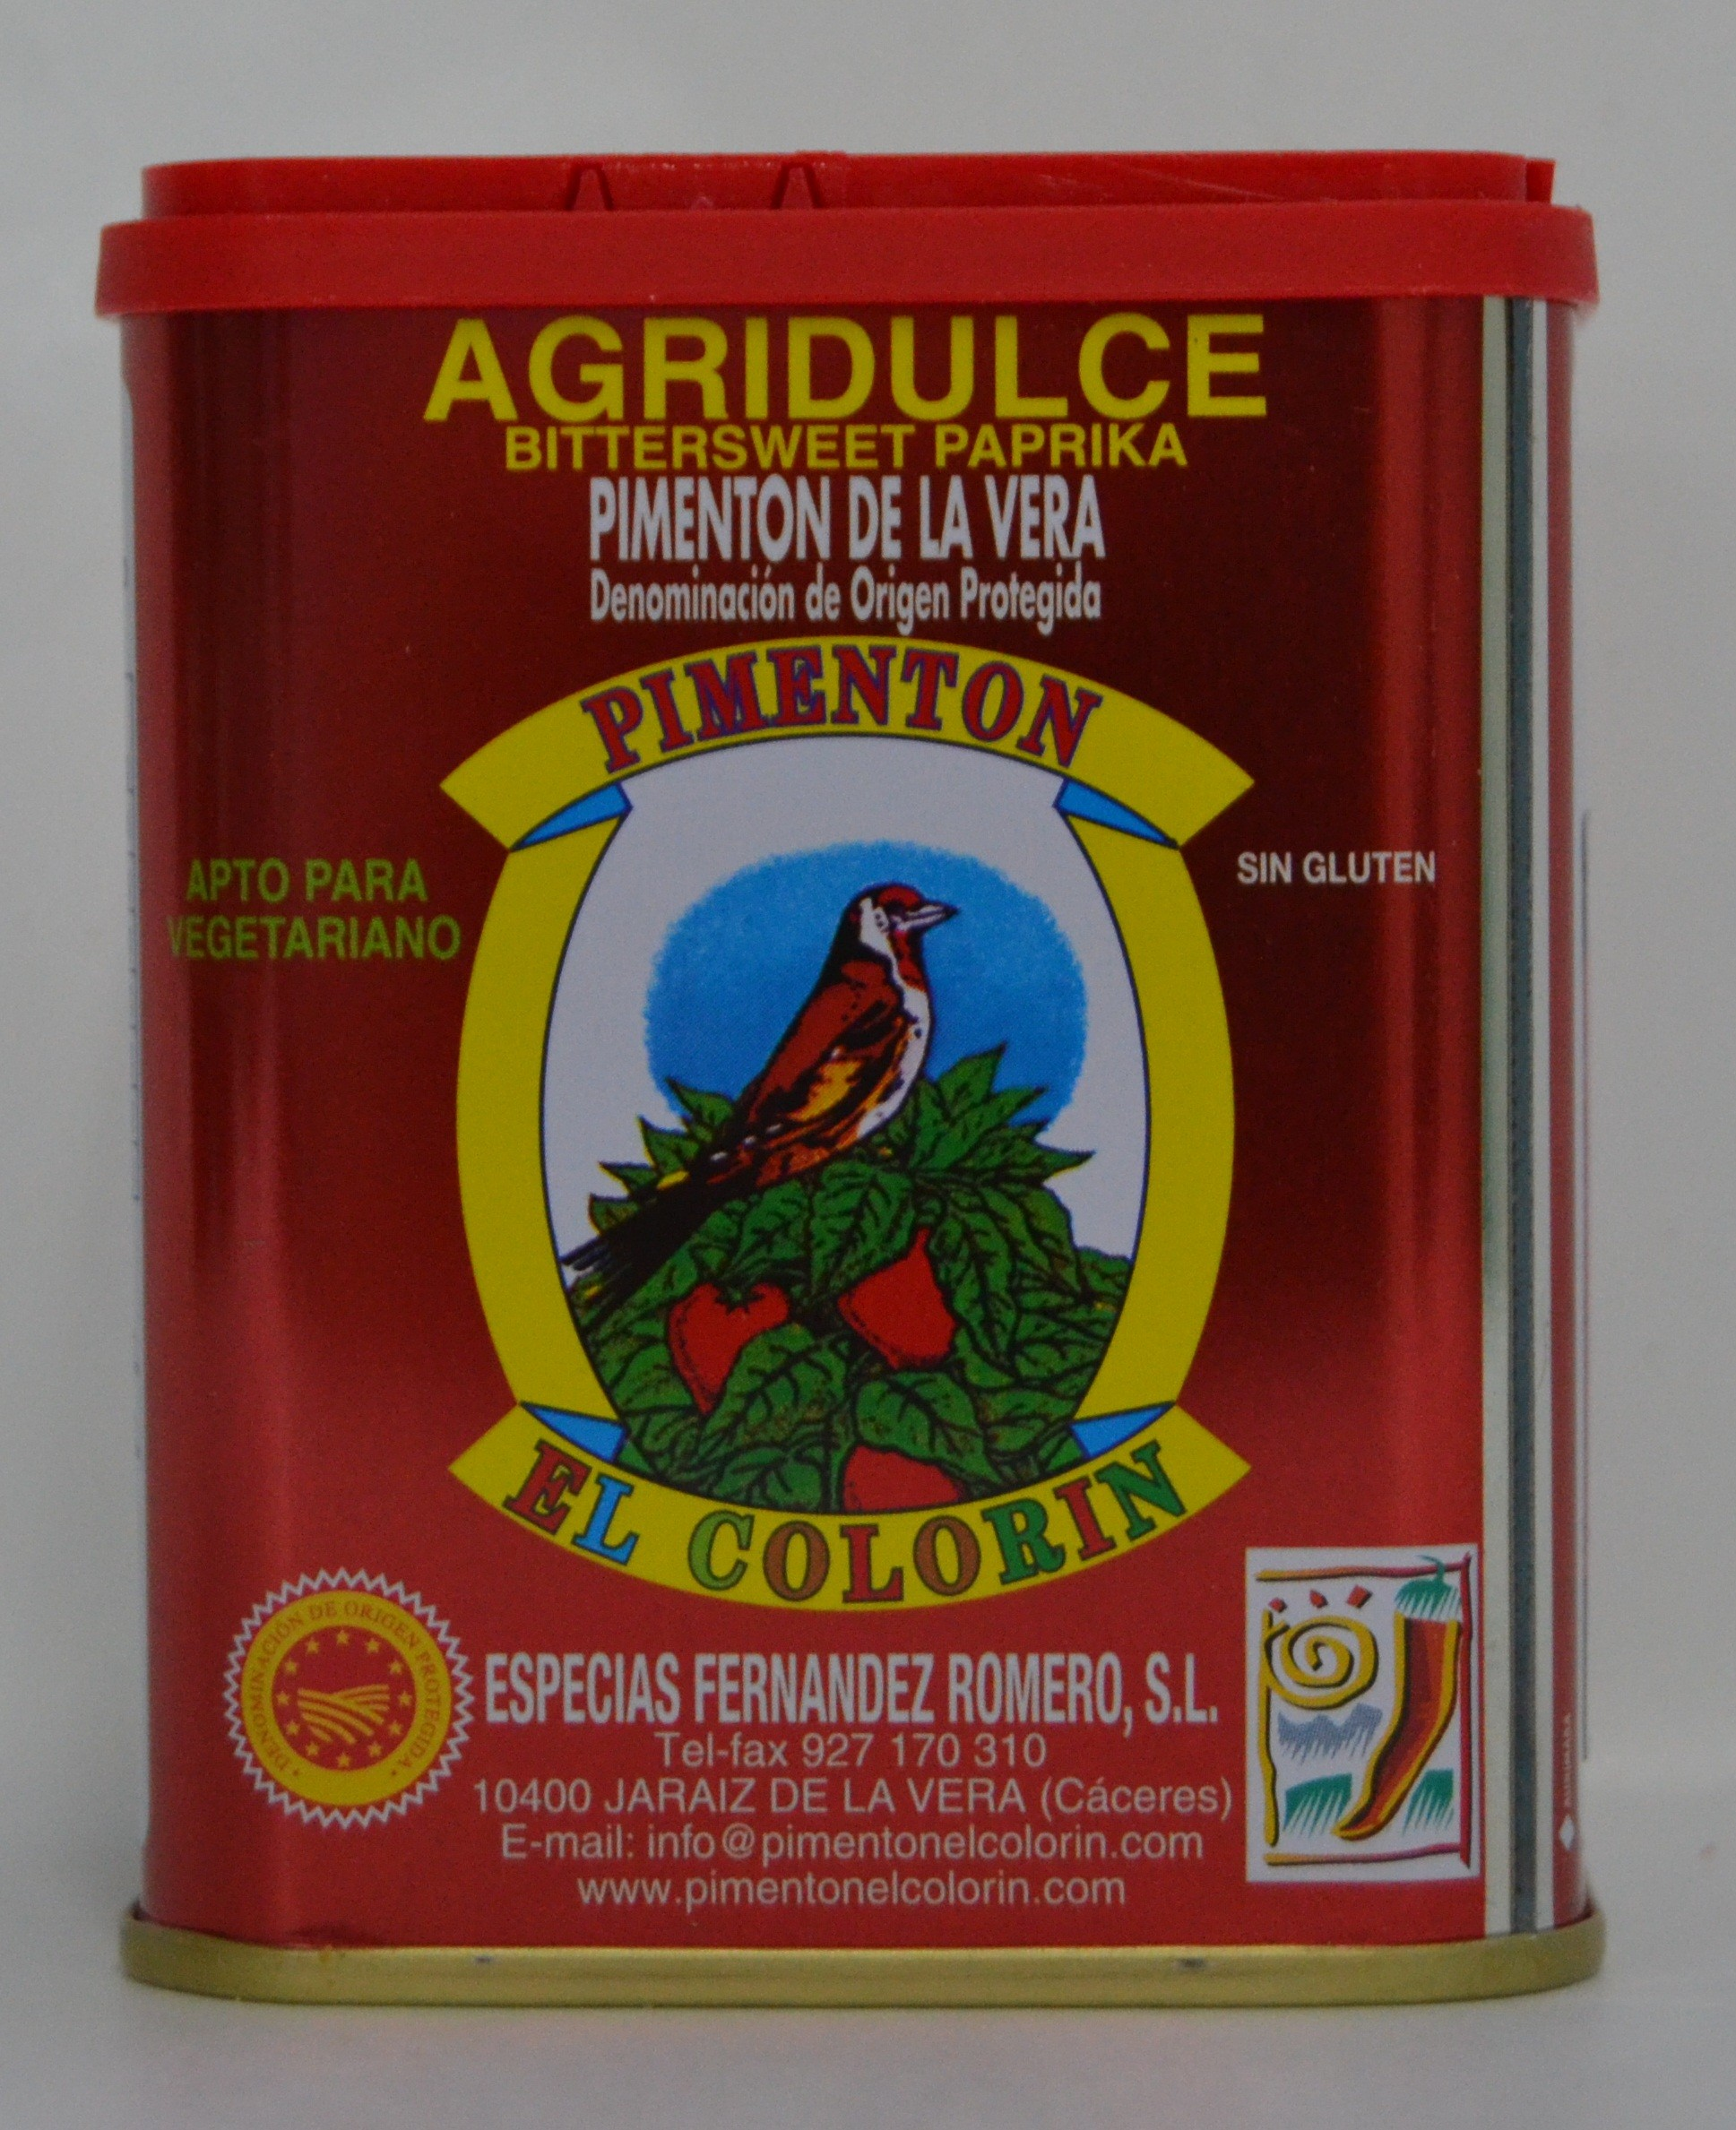 PIMENTÓN DE LA VERA AGRIDULCE 0,125 Kg